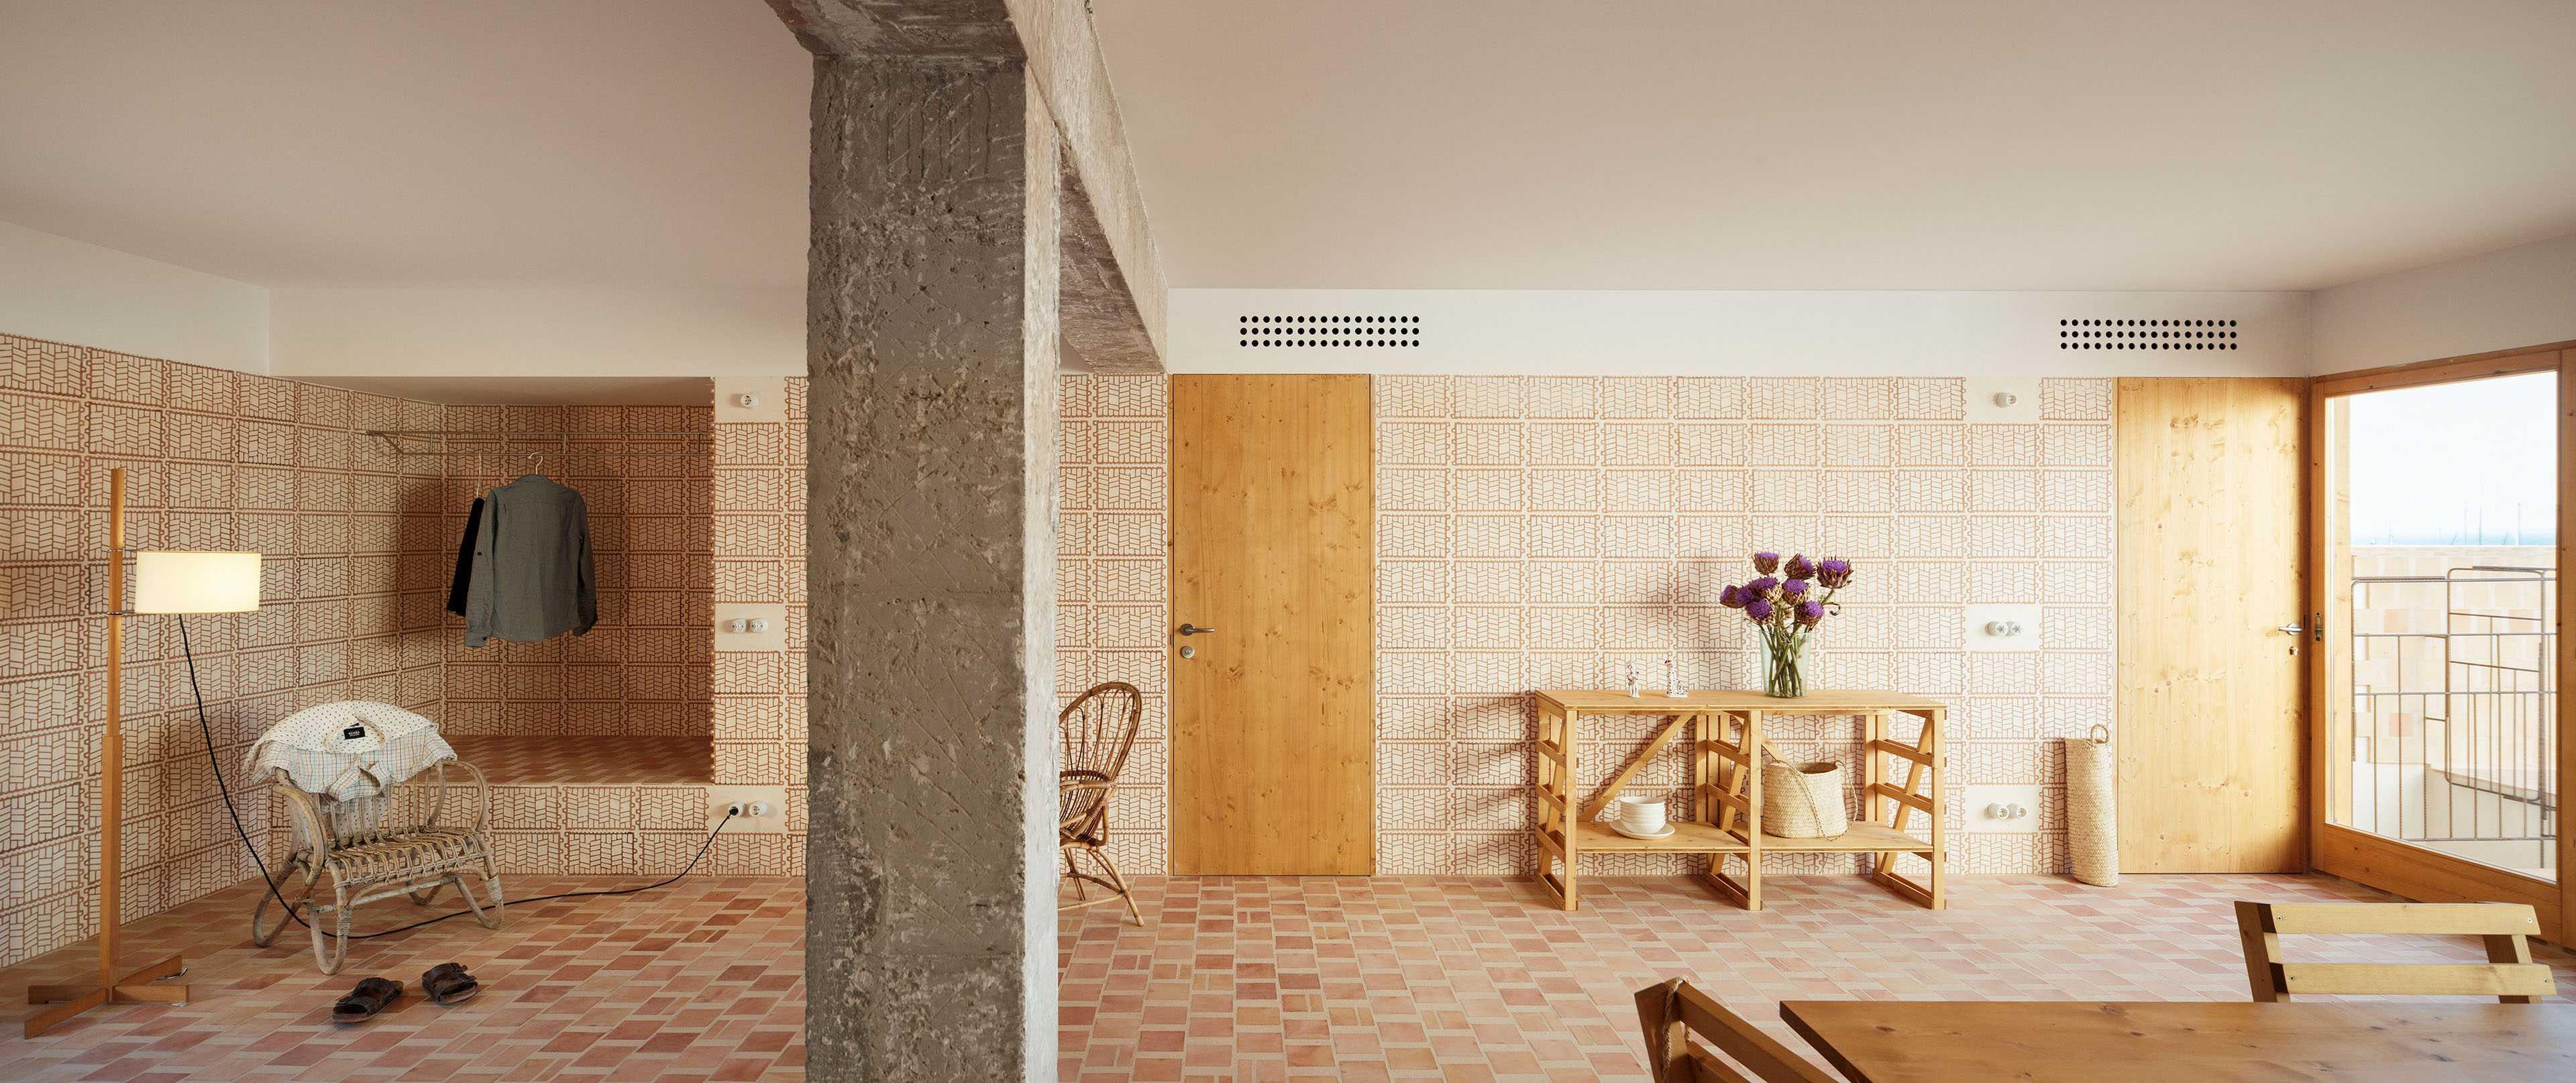 Apartamentos en Can Picafort  - 02 canpicafort 49